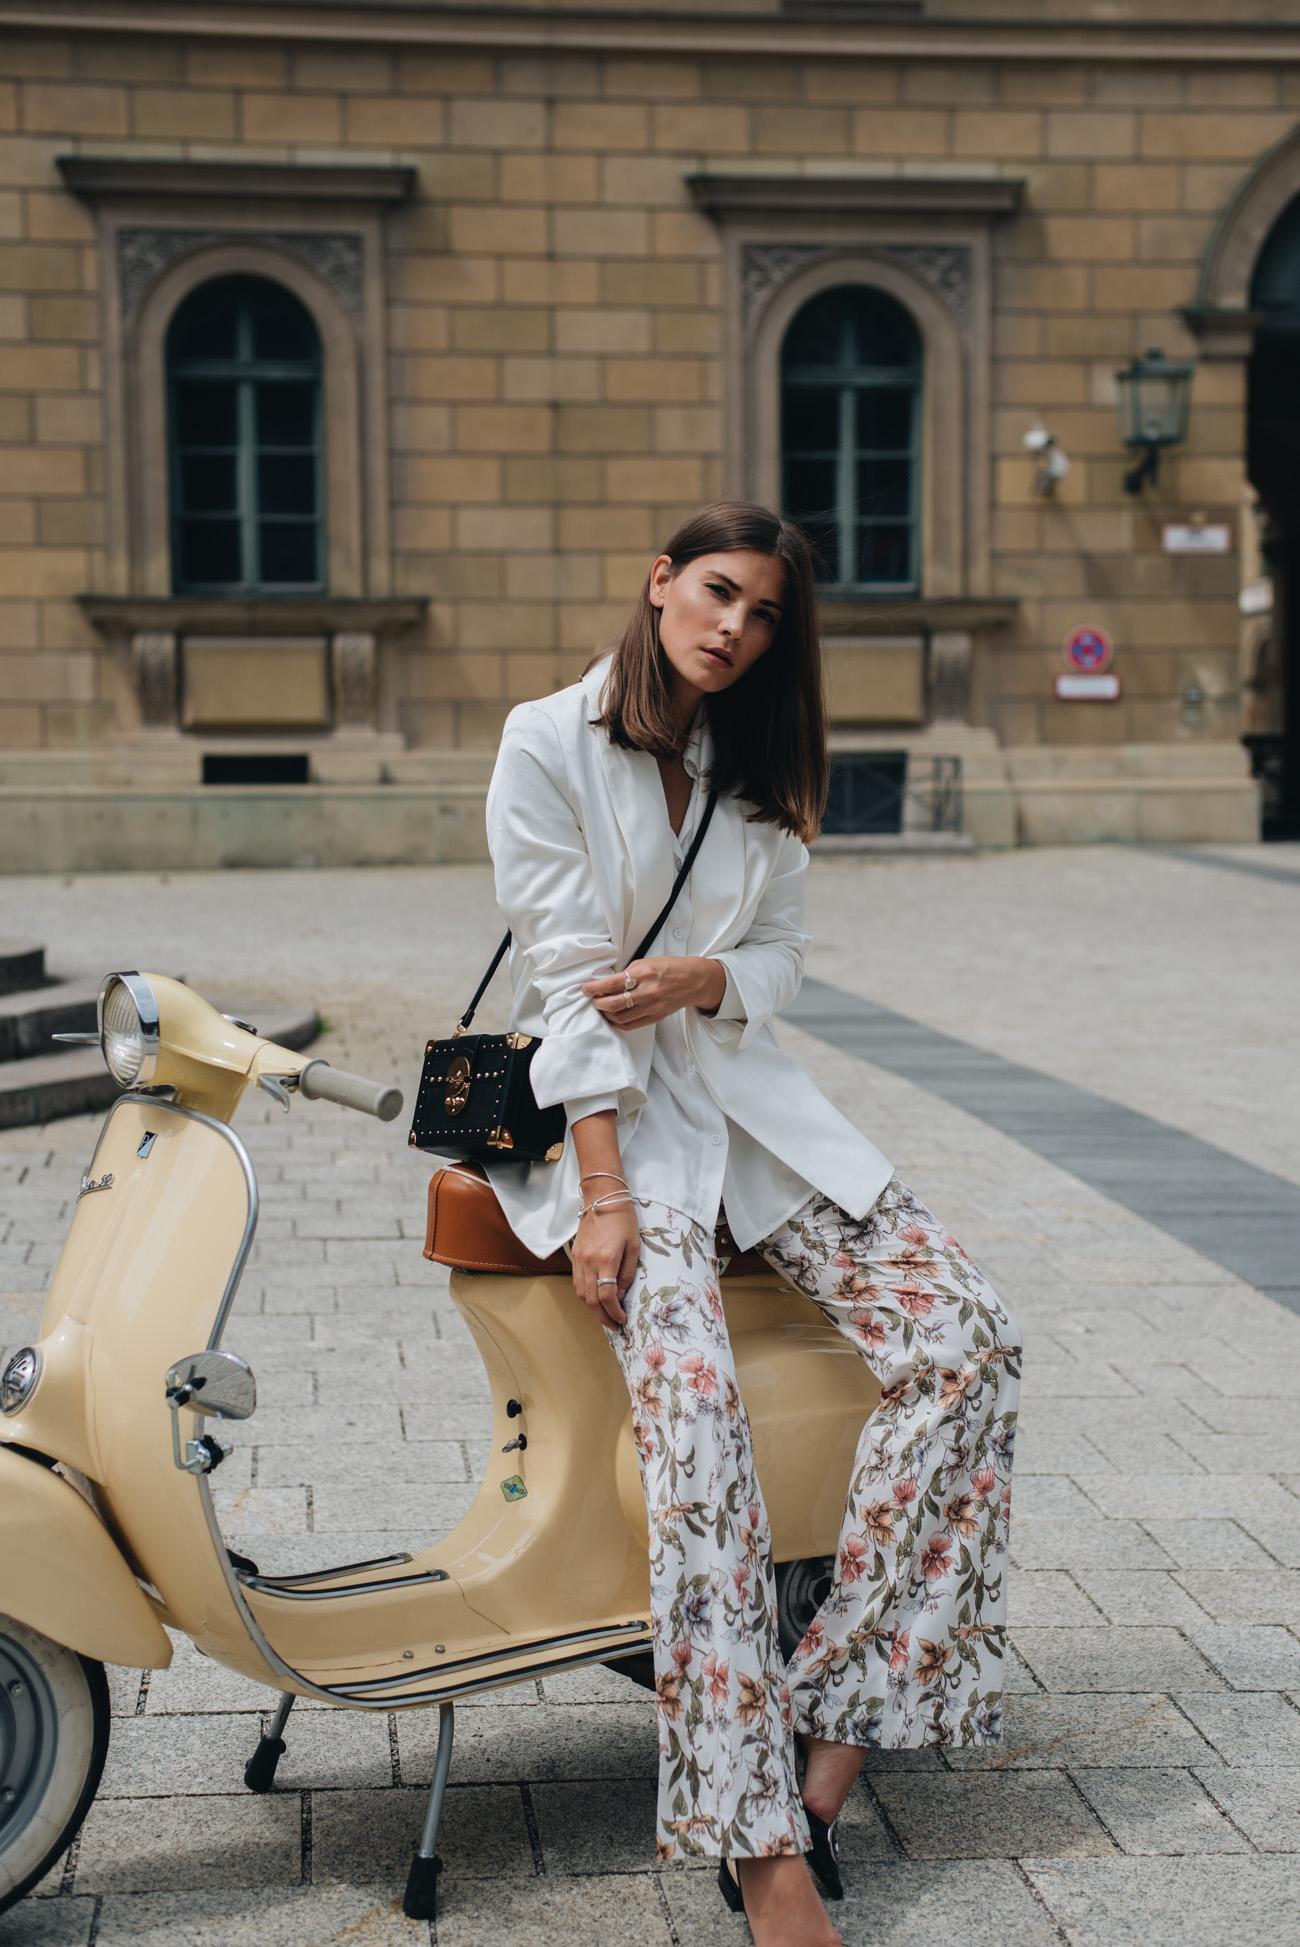 die-größten-mode-und-lifestyle-blogs-deutschlands-nina-schwichtenberg-fashiioncarpet